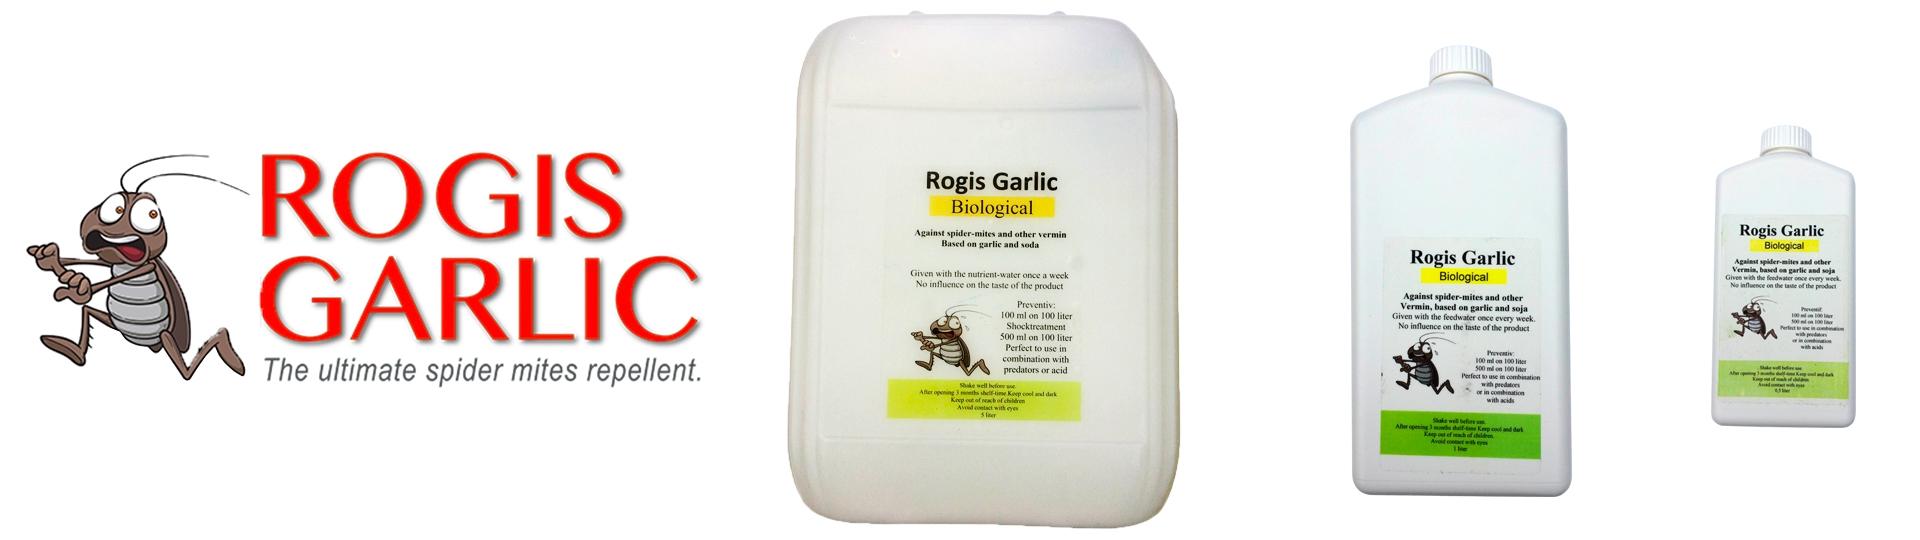 Rogis Garlic